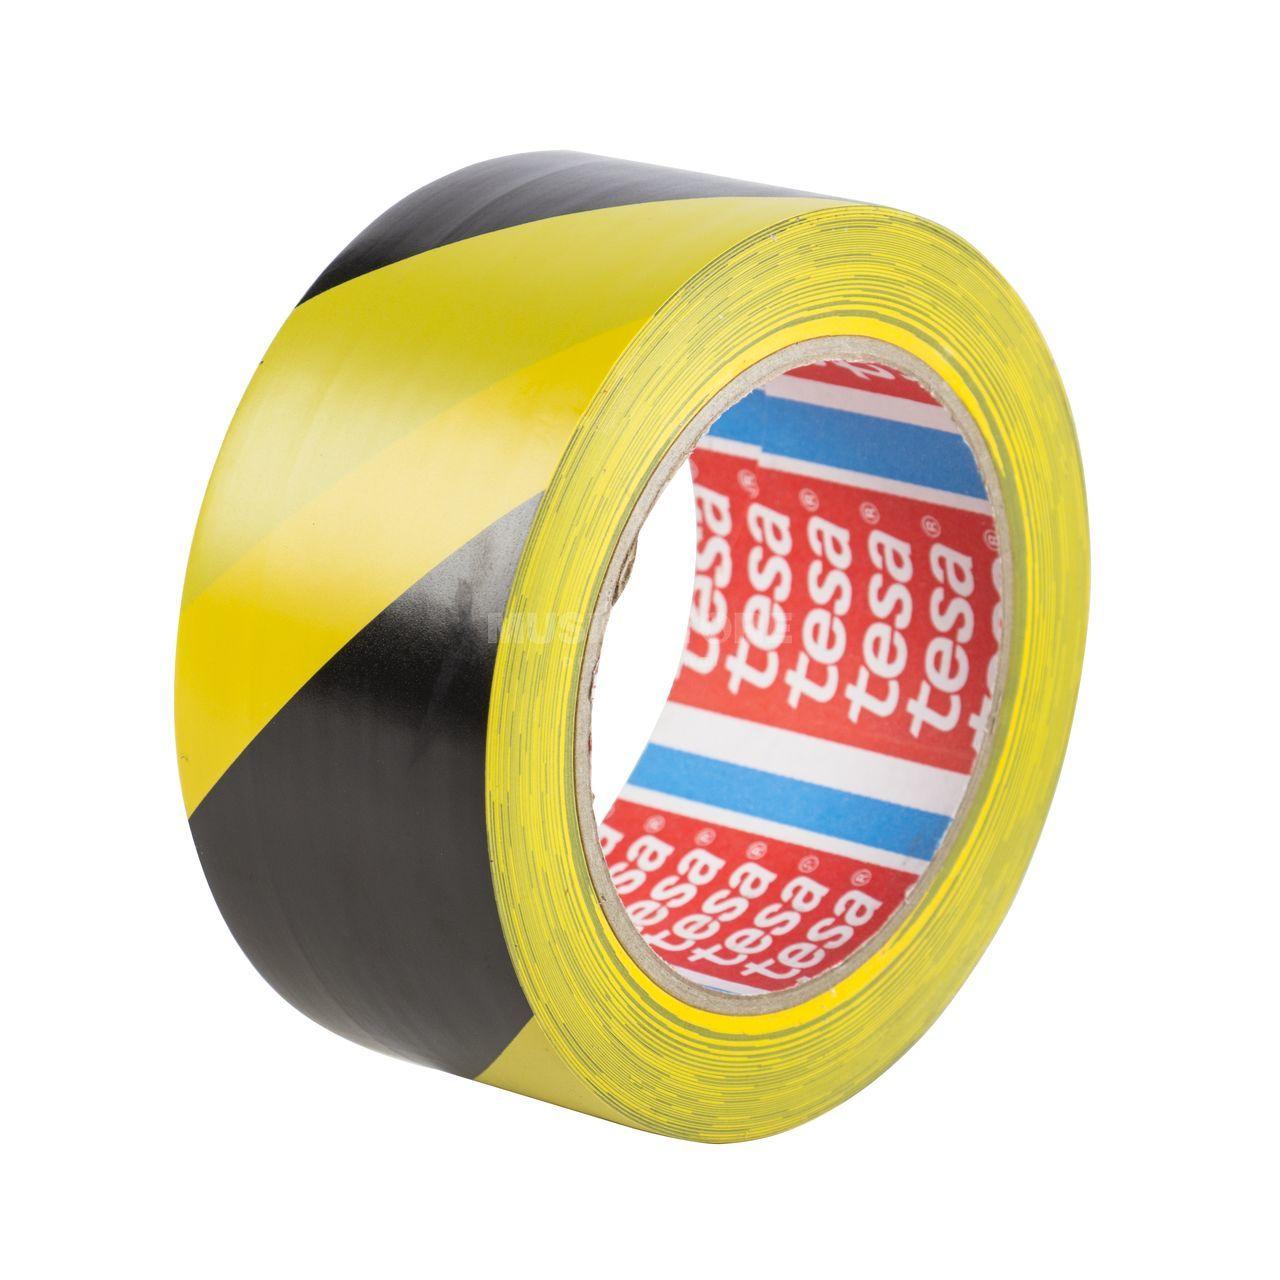 tesa markierungs tape schwarz gelb gaffa tape 33 m 50mm 60760. Black Bedroom Furniture Sets. Home Design Ideas